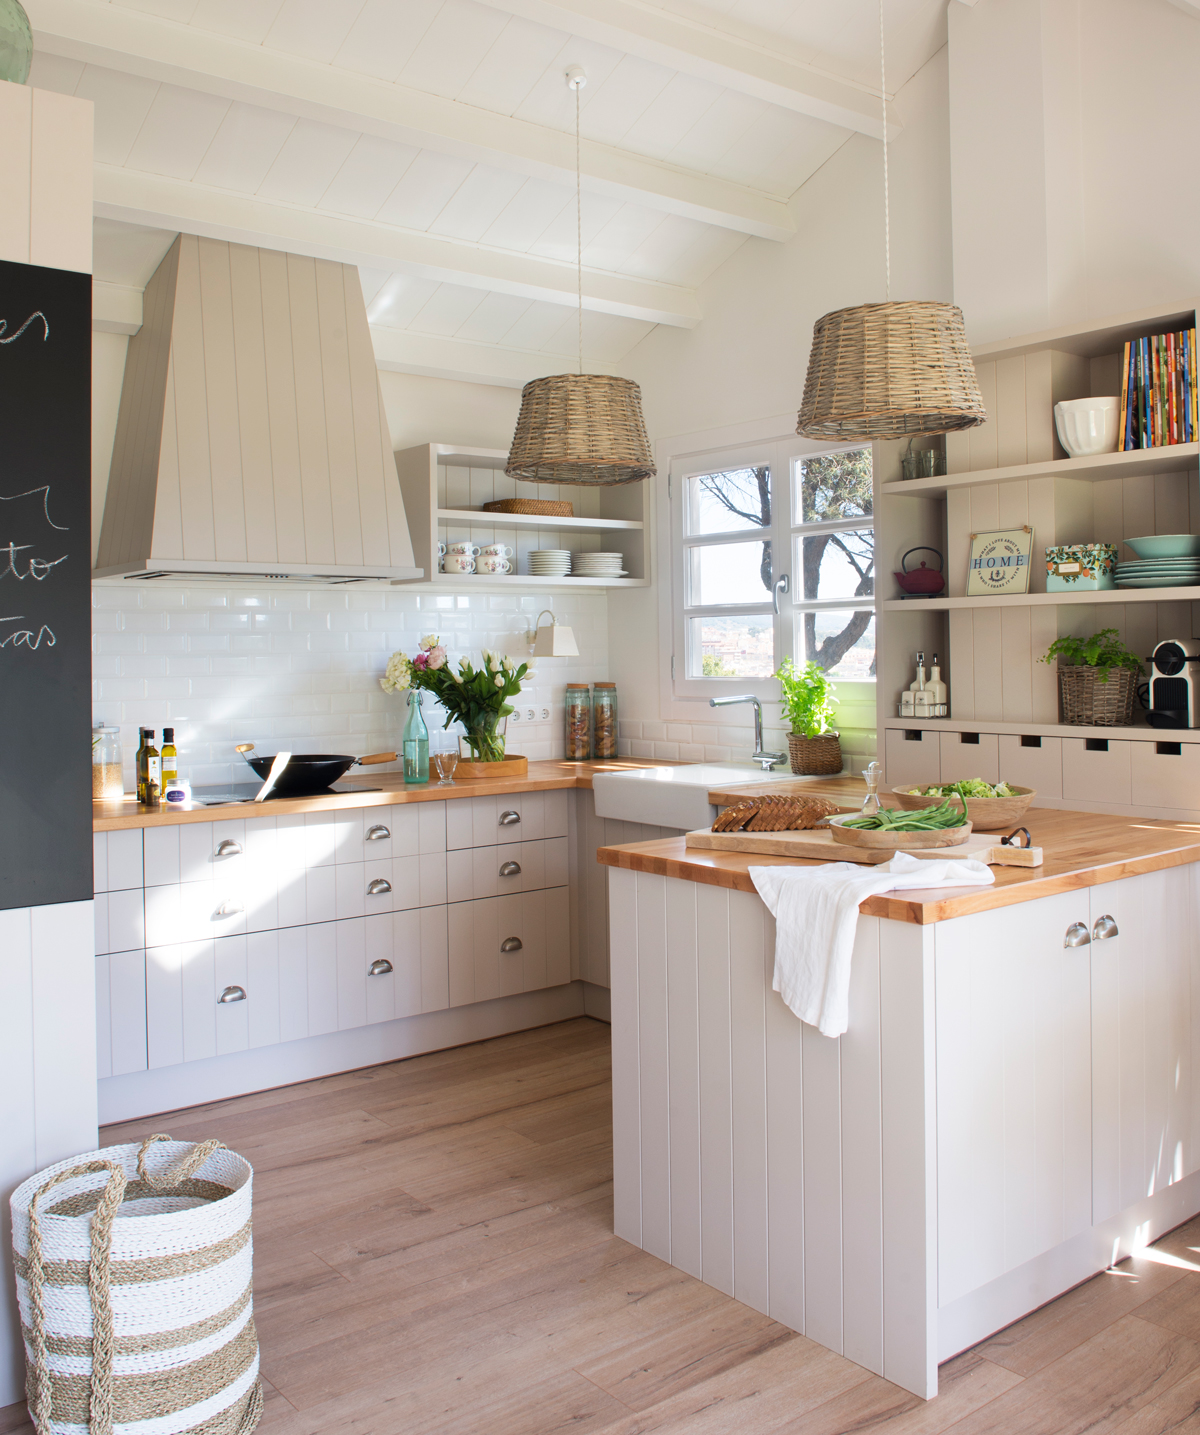 Reformas elige el estilo de tu cocina - Encimeras rusticas ...